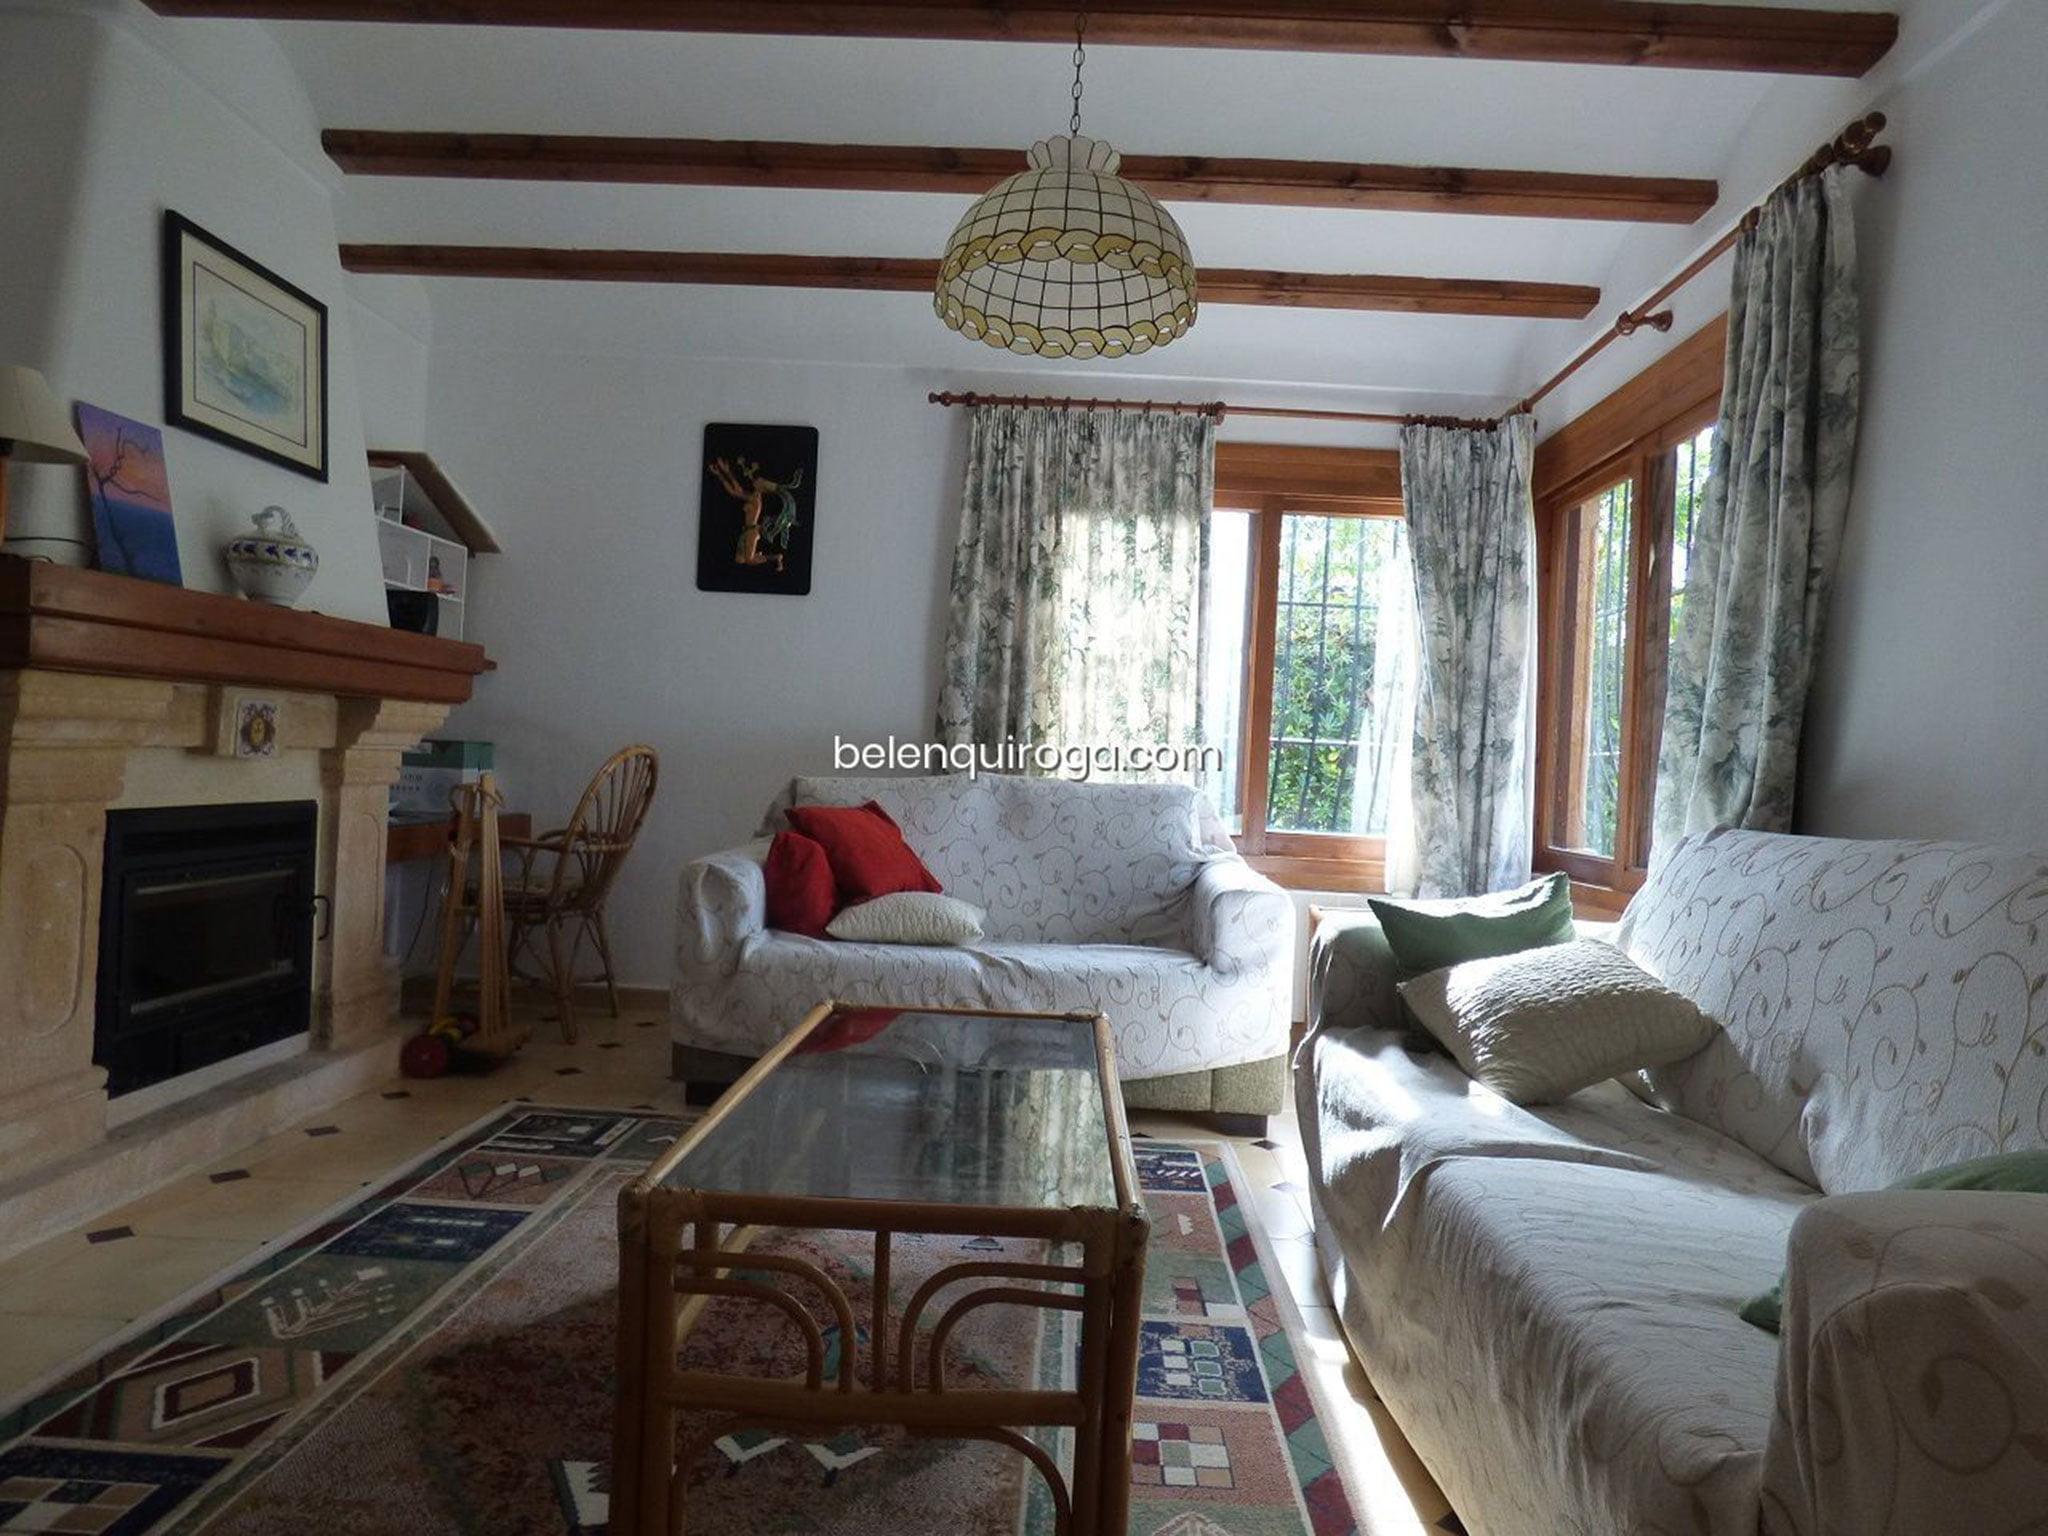 Salón de un chalet en venta en Jávea – Inmobiliaria Belen Quiroga